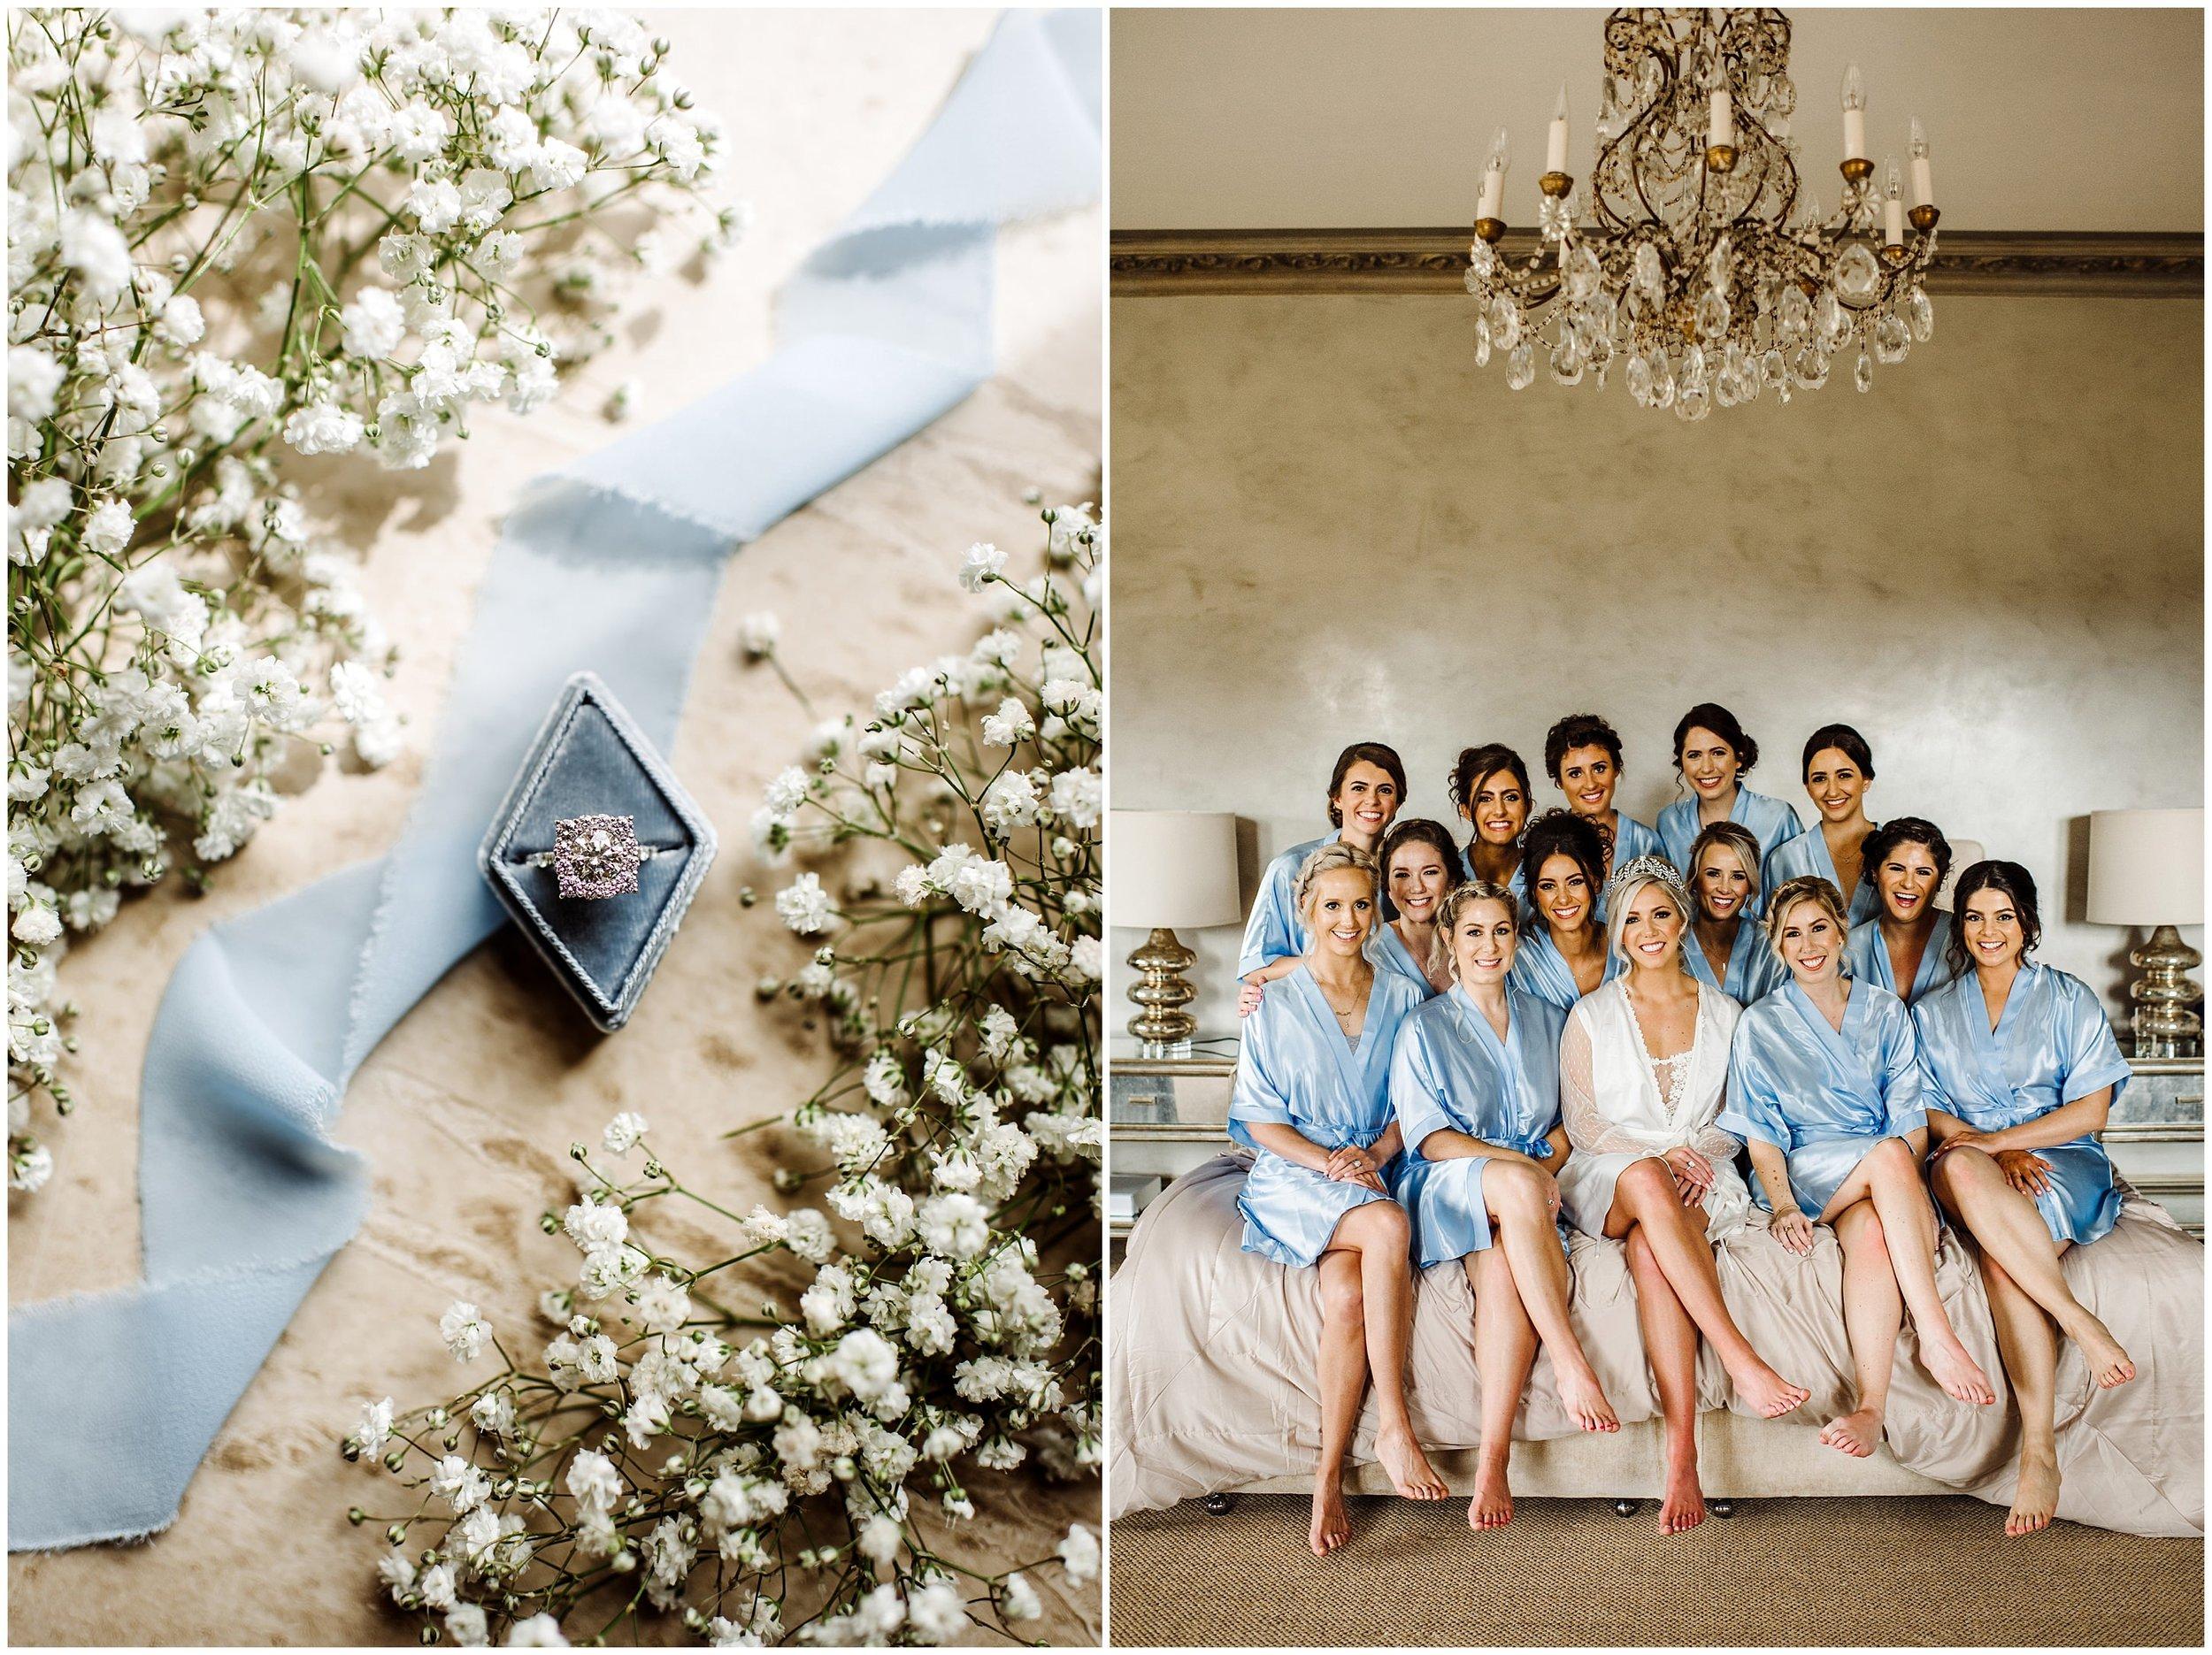 whimsical-Scottish-wedding-at-Ardross-Castle-1.jpg